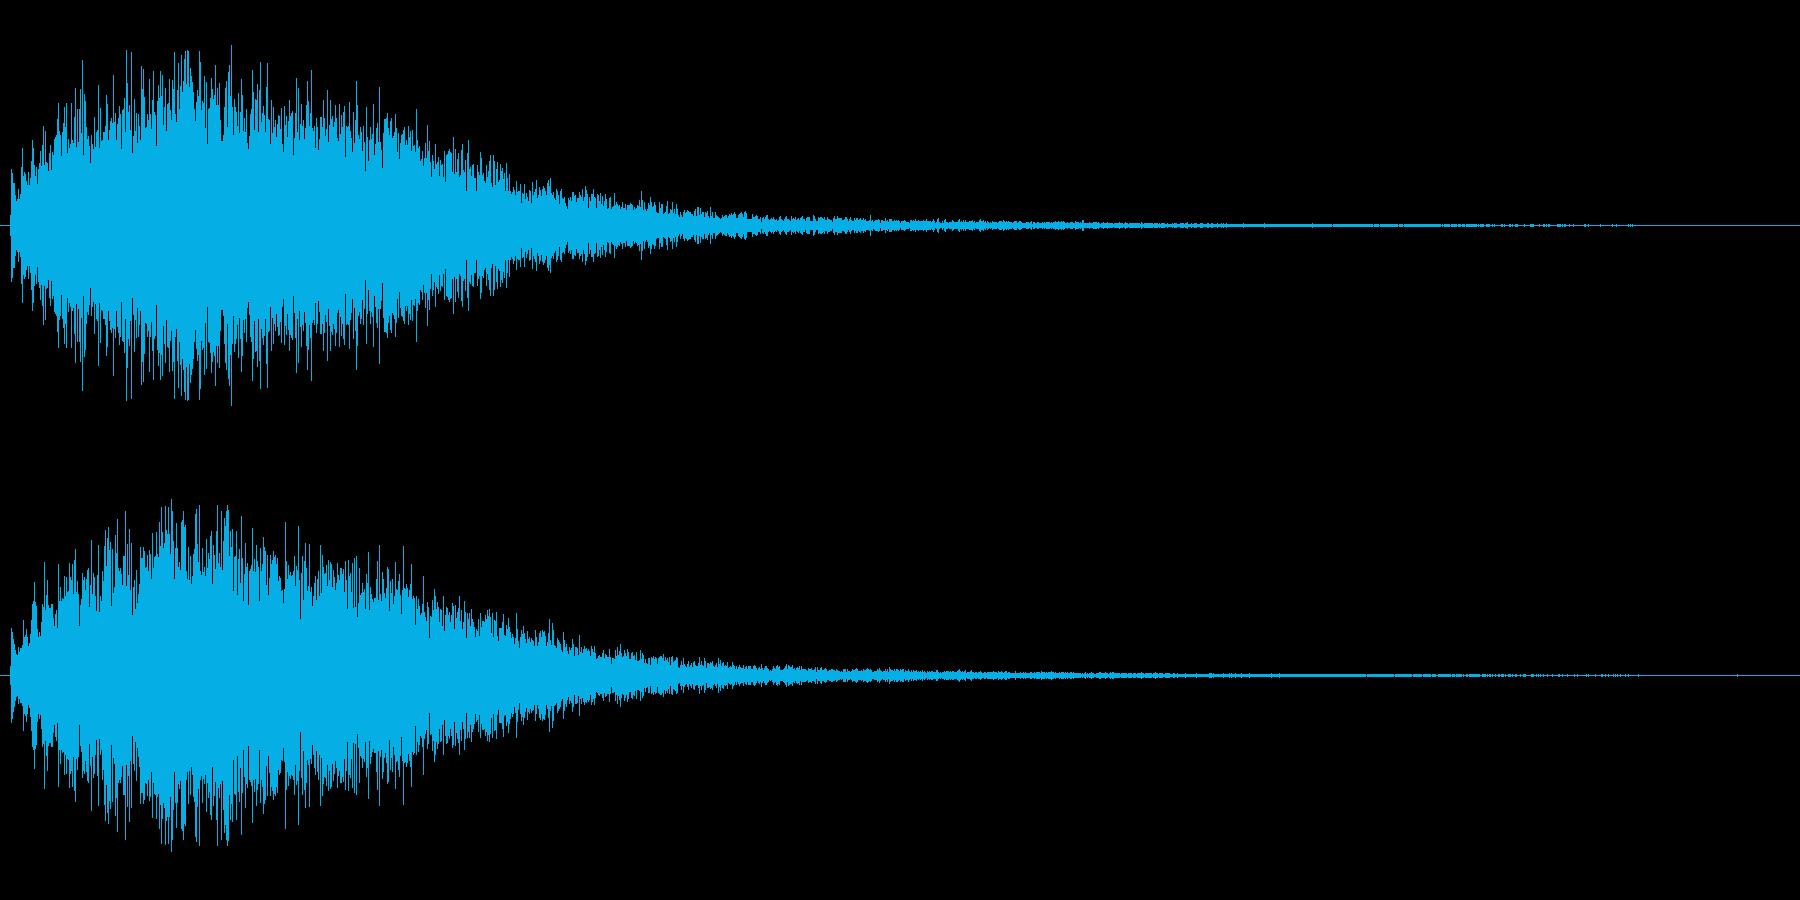 キラーン(ツリーチャイムのような音)の再生済みの波形